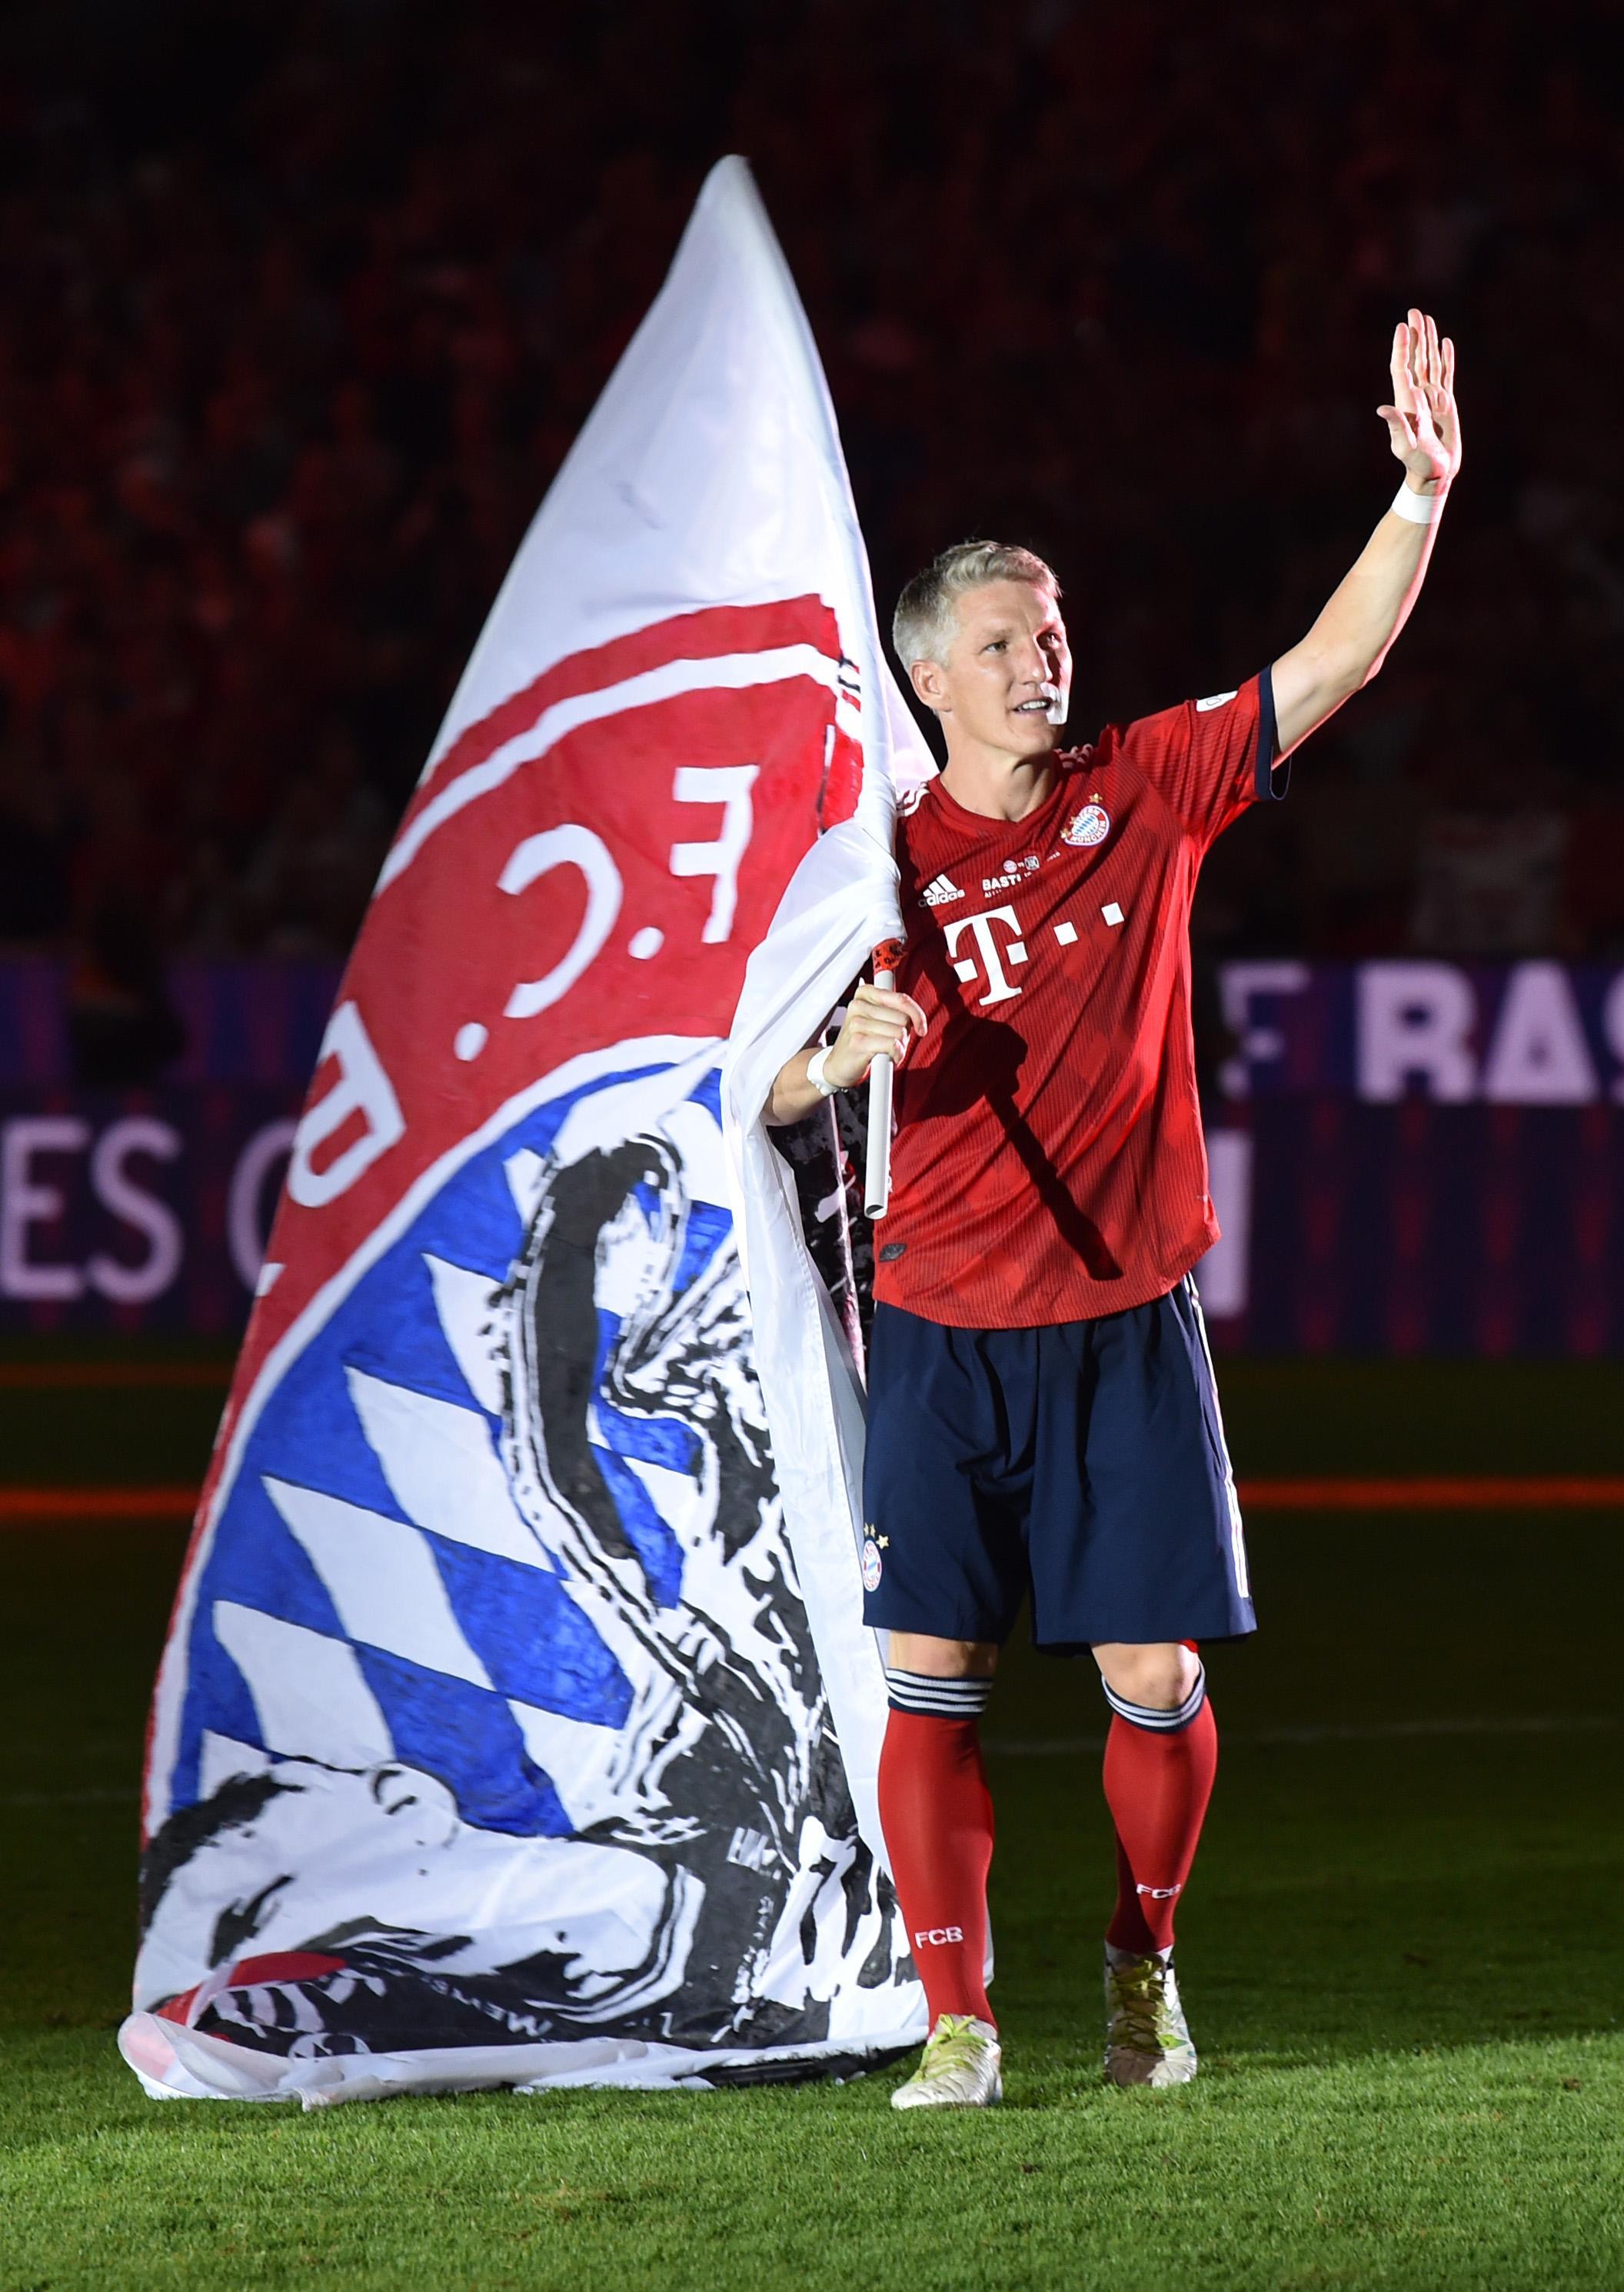 Bastian Schweinsteiger gave an emotional address to fans at a packed Allianz Arena